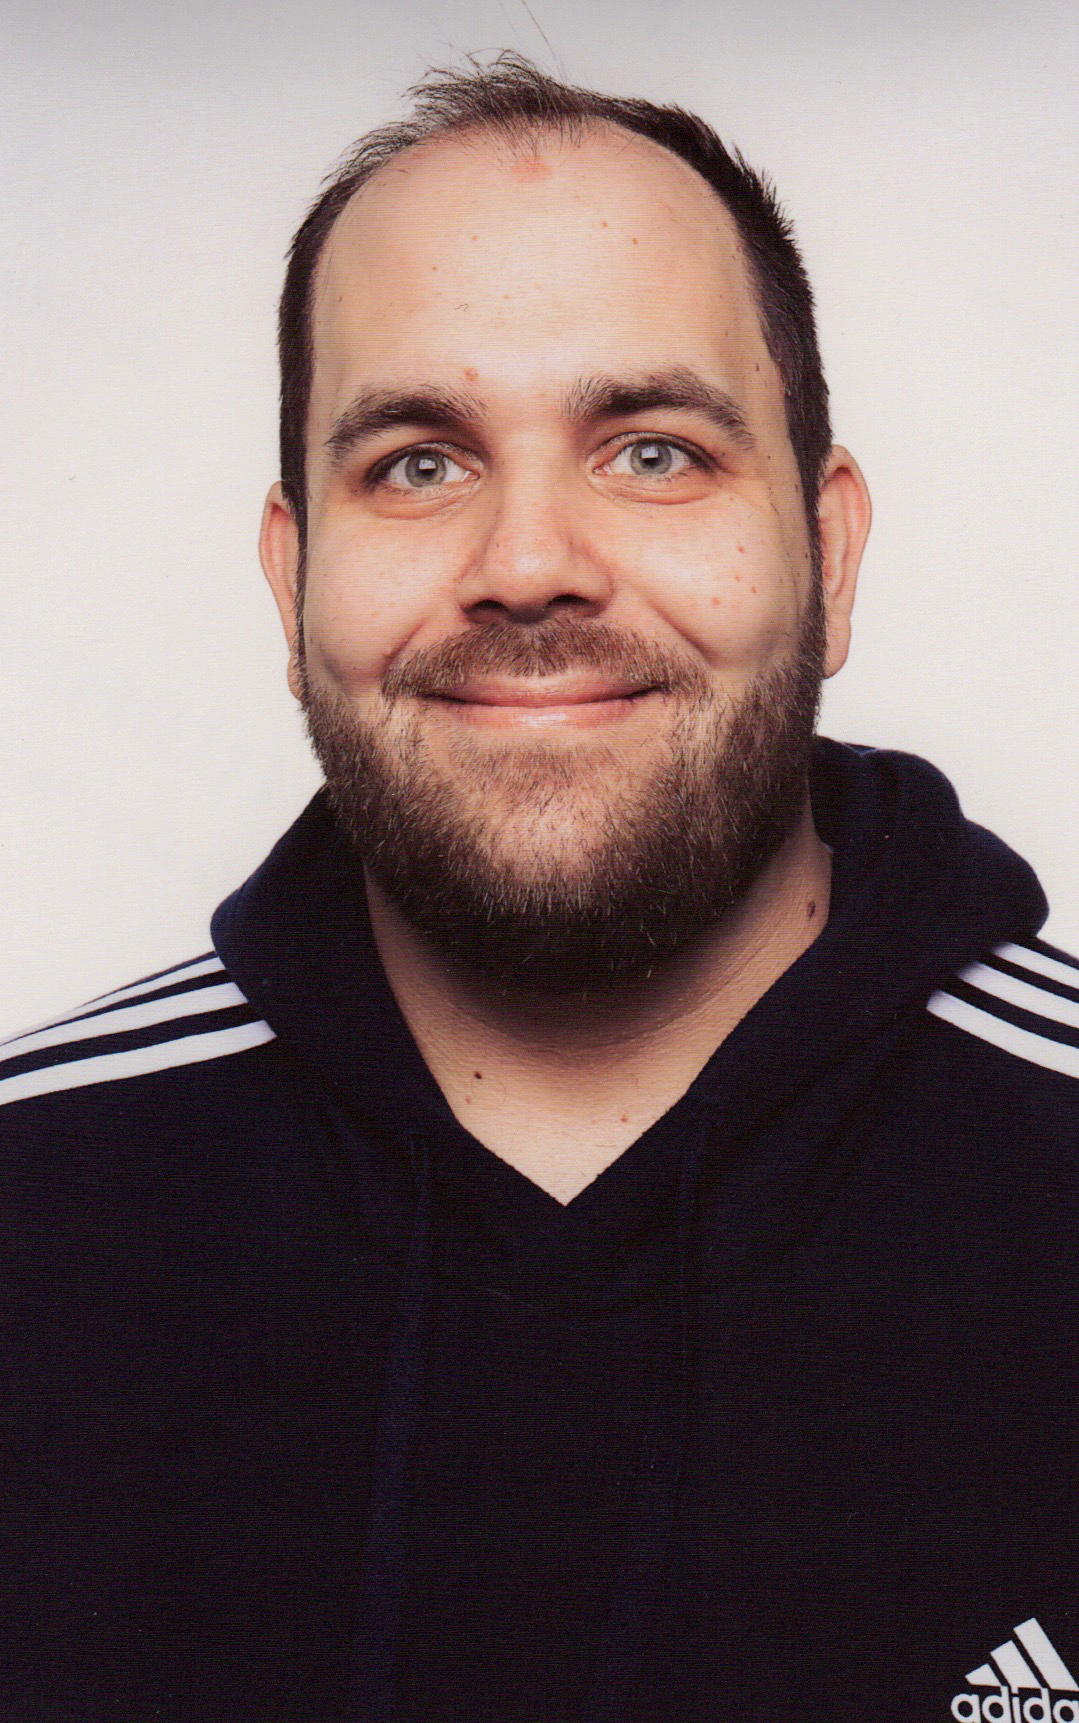 Stephan Heiderich